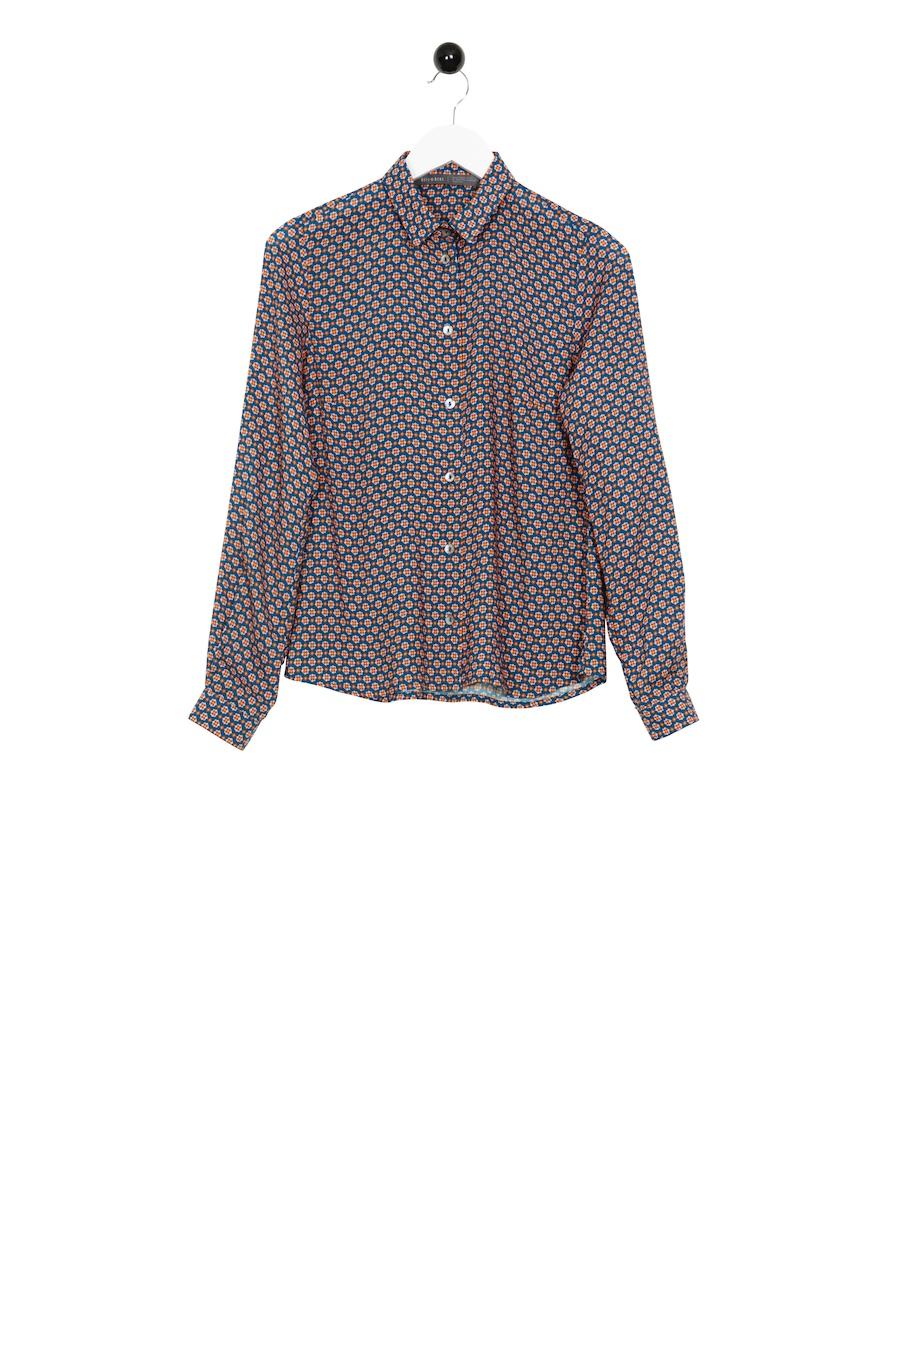 Lokai Shirt